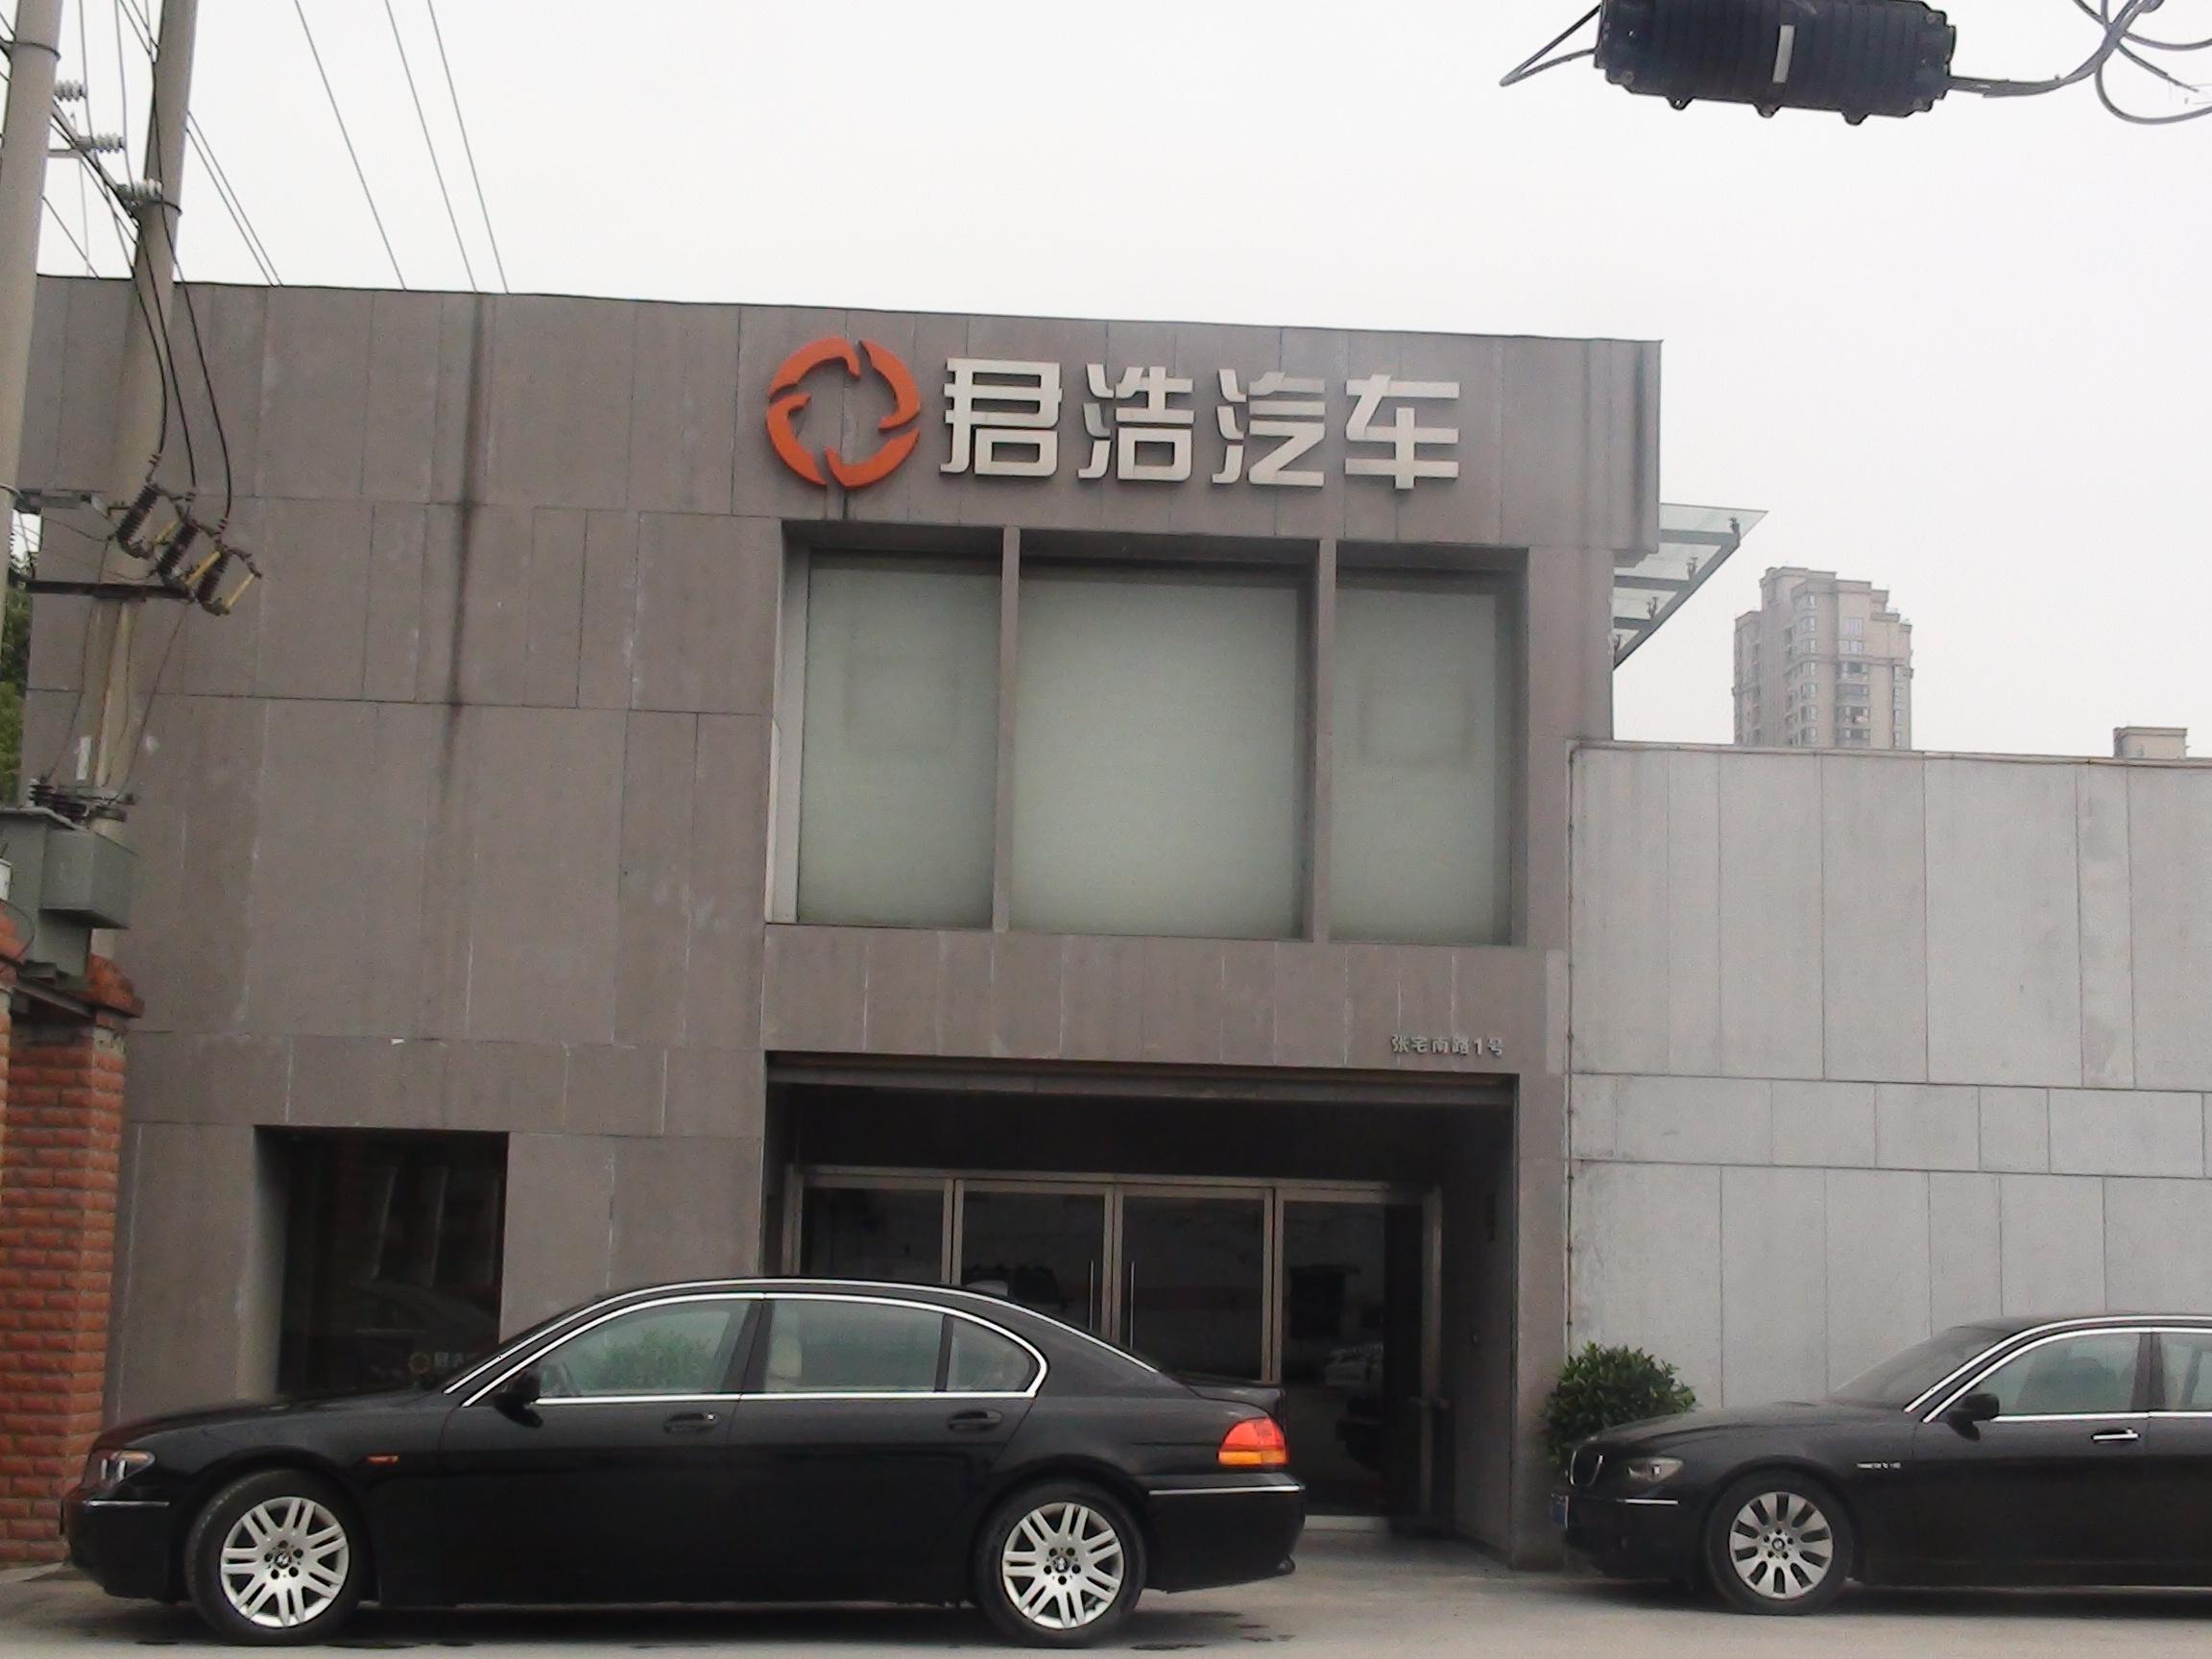 君浩汽车品牌专修连锁机构(授权服务点)